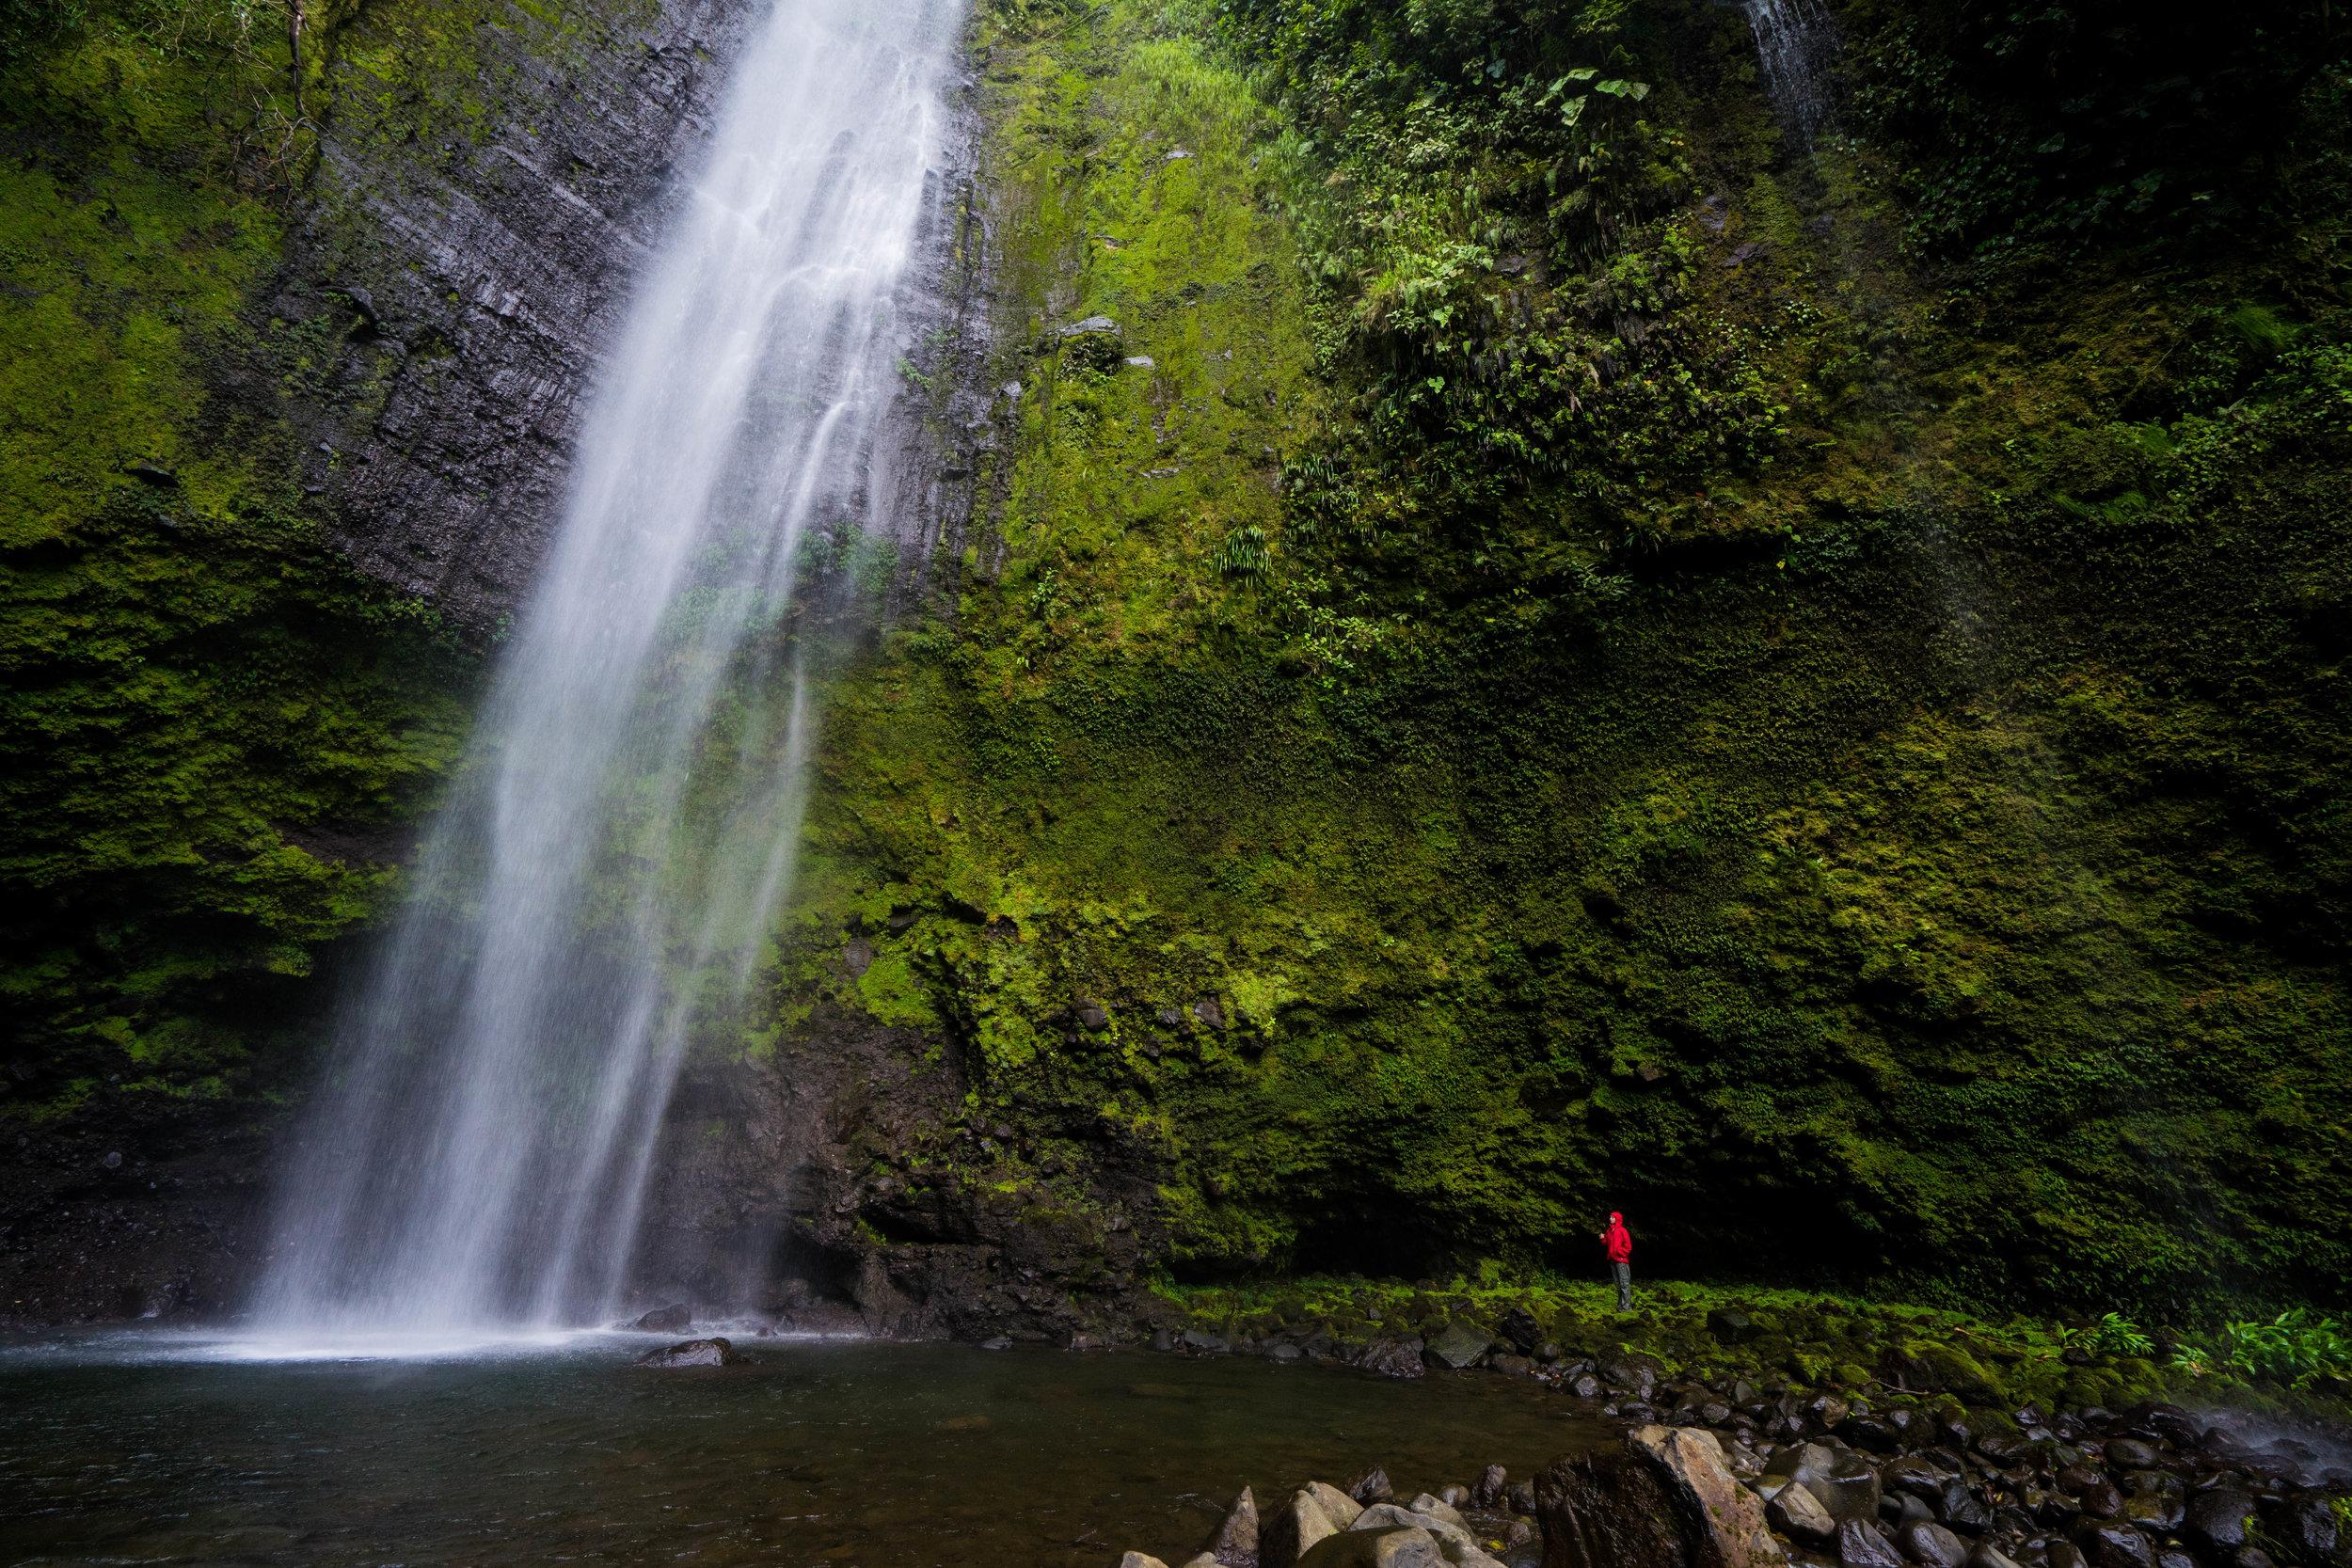 Cueva de del costado derecho de la catarata